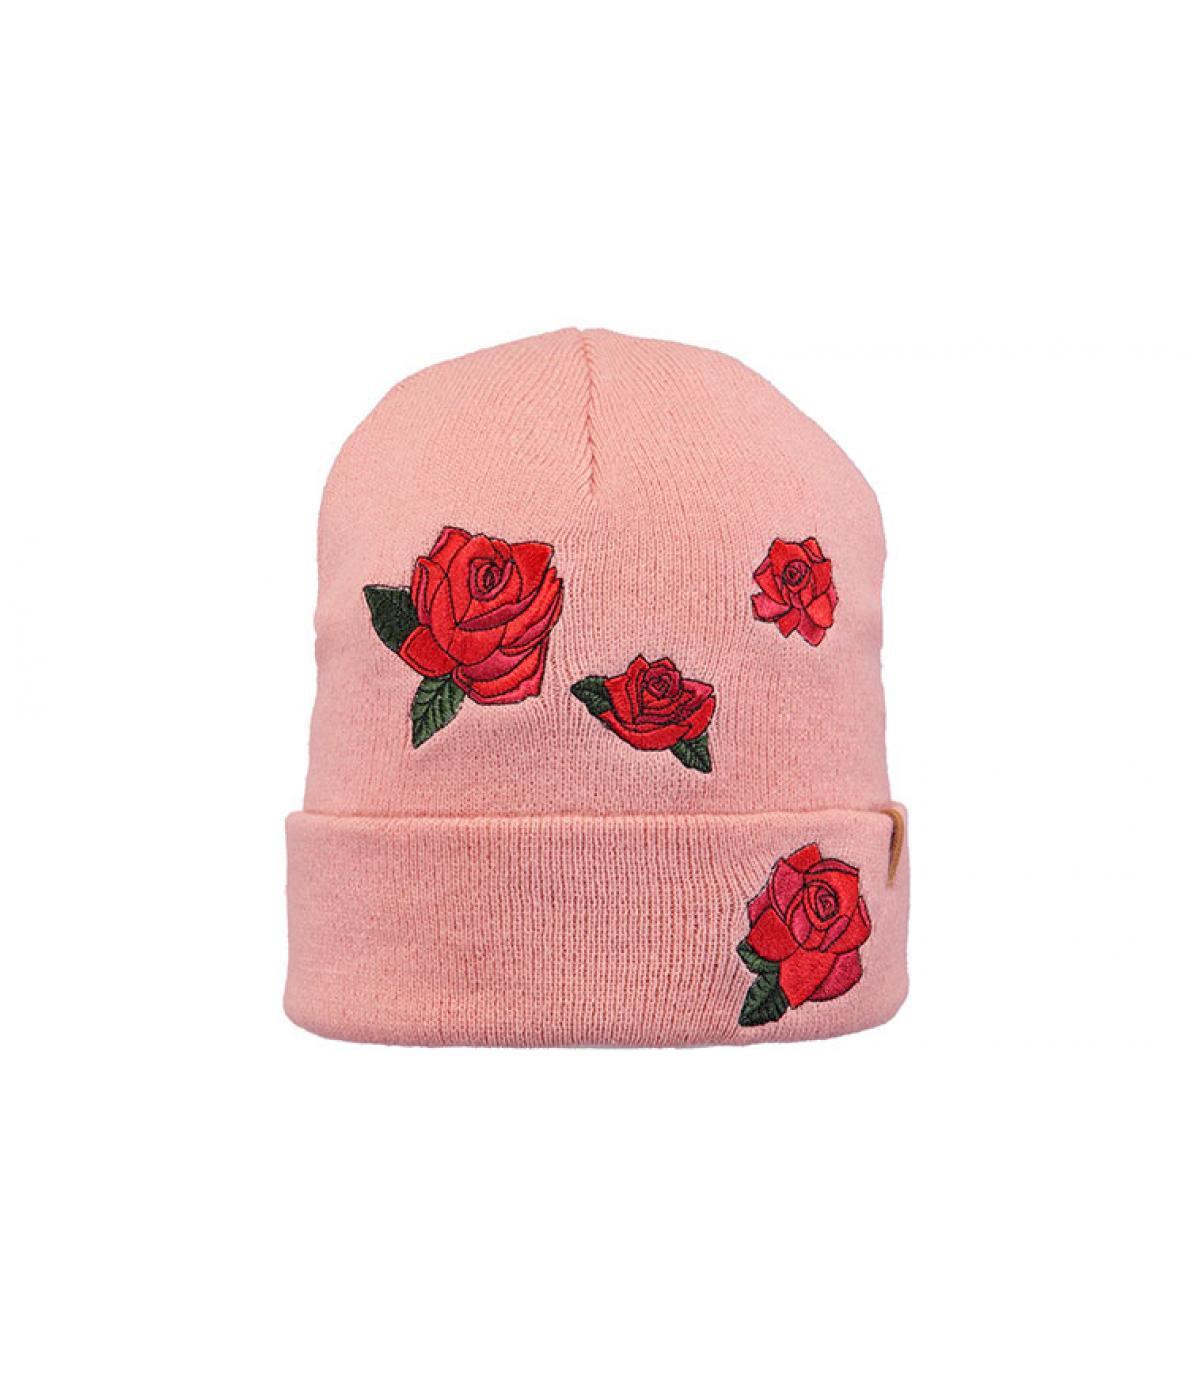 cappello di fiori rosa Barts - Orelis Beanie pink Barts - image 1 ... d252b967e5e8